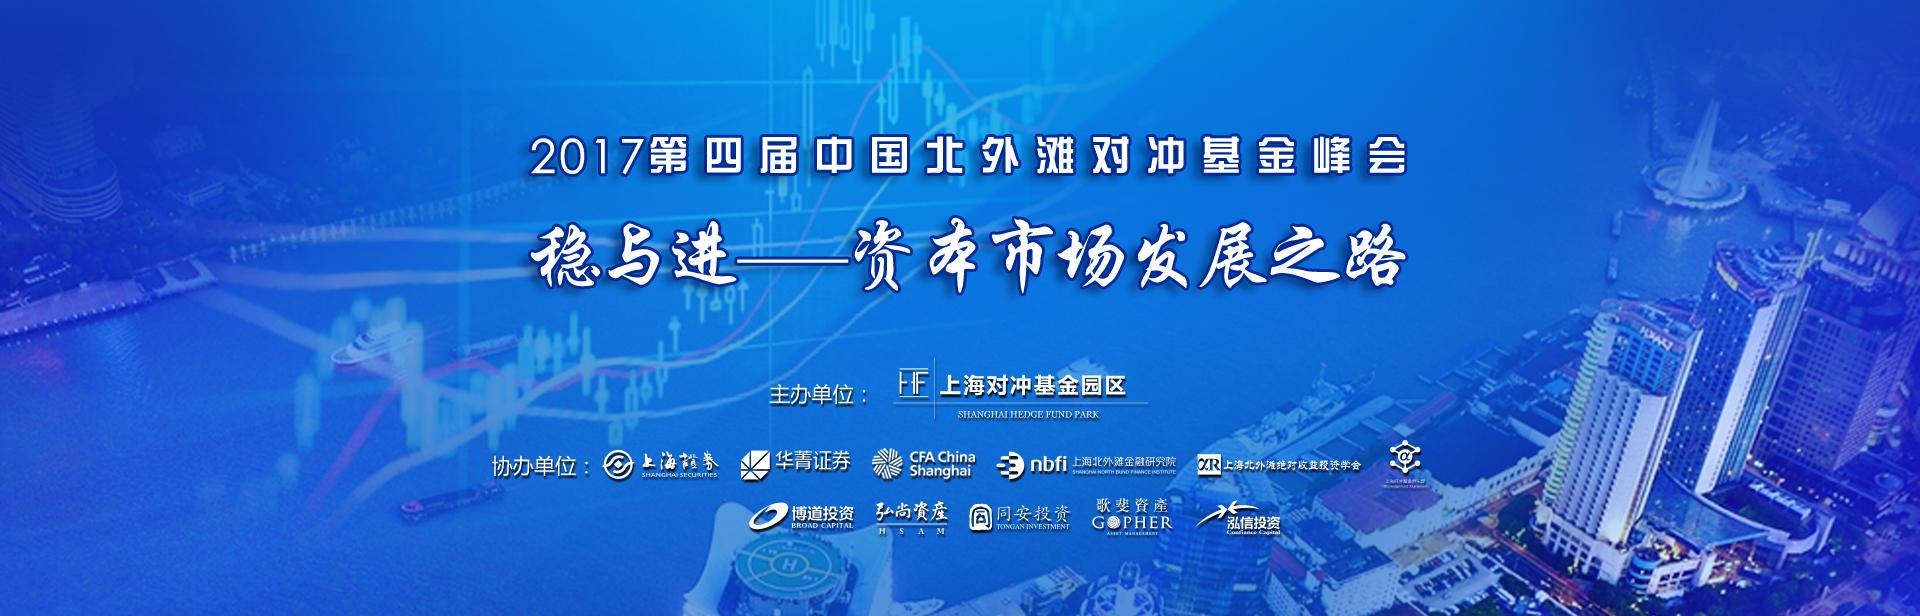 2017第四届中国北外滩对冲基金峰会-点掌投教